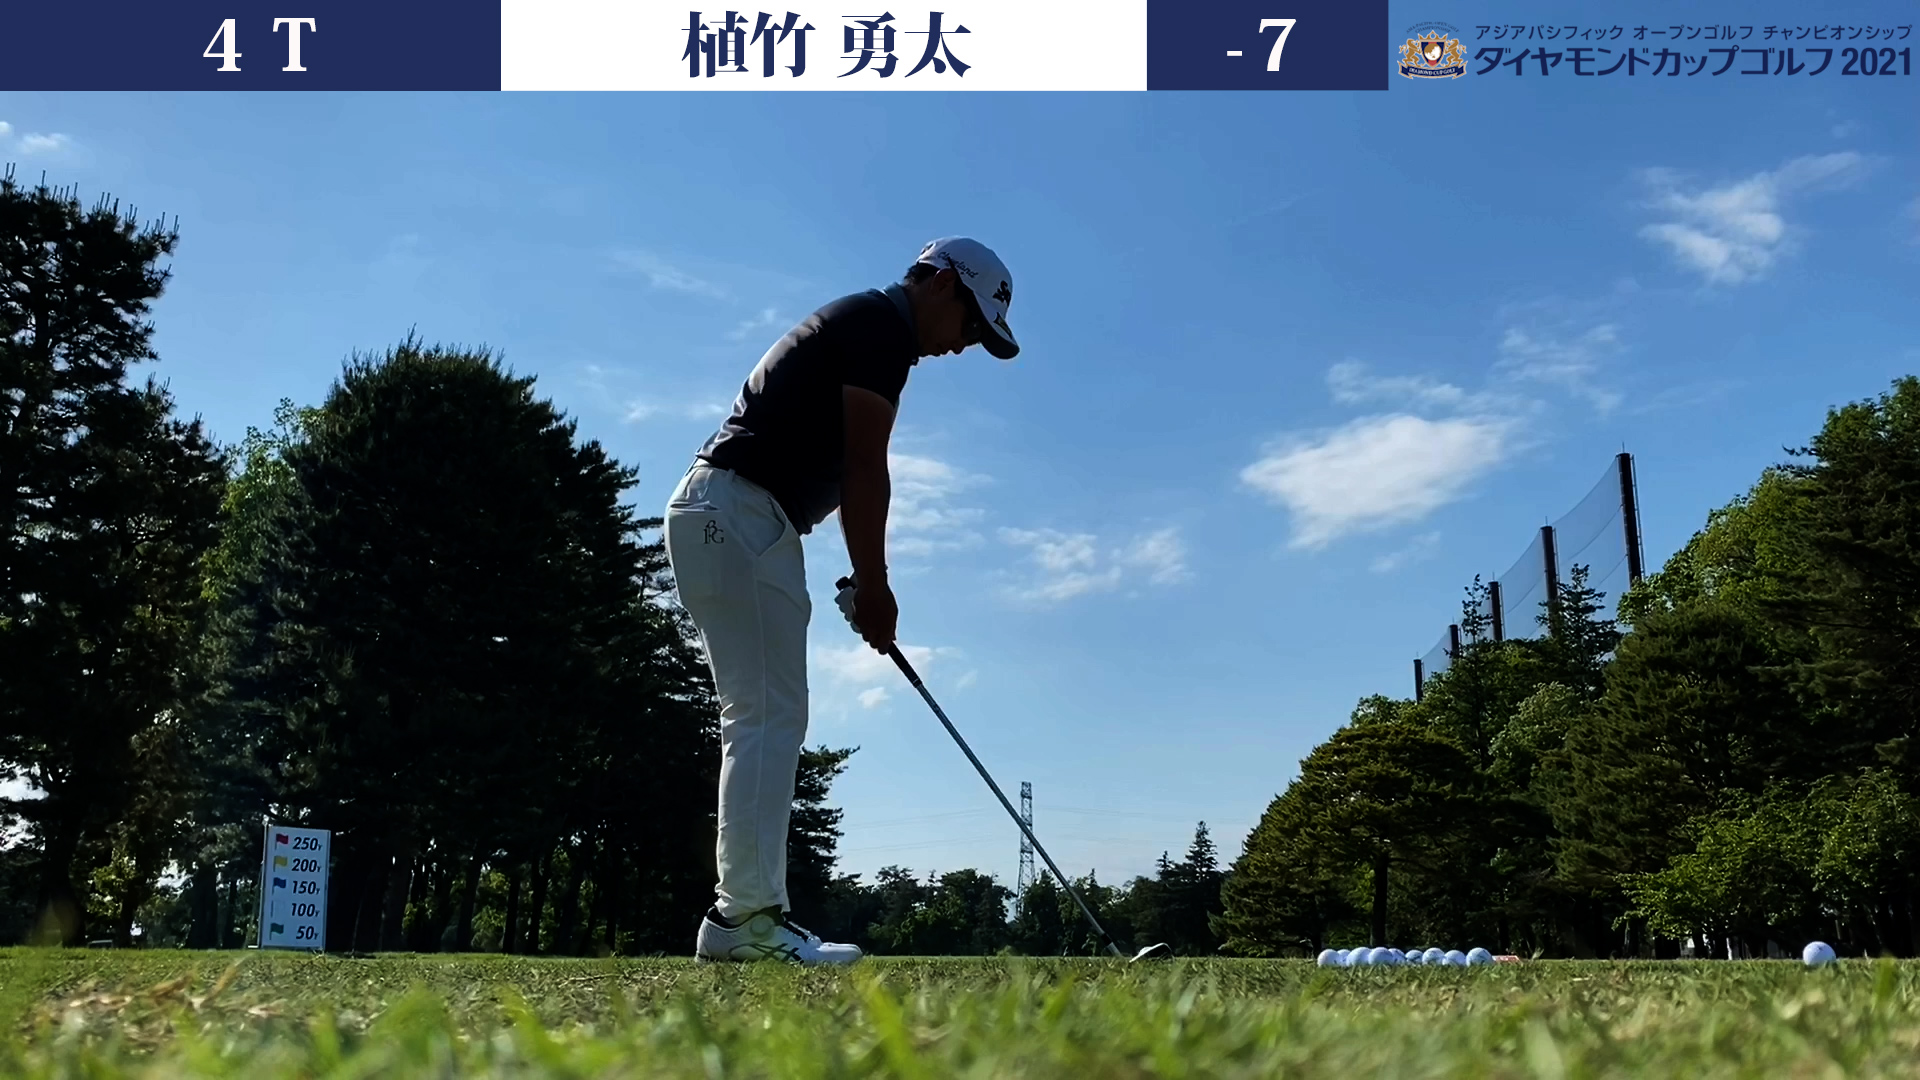 【男子ゴルフ】植竹勇太が通算7アンダーで4位タイ!アジアパシフィックダイヤモンドカップゴルフ 3rd Round